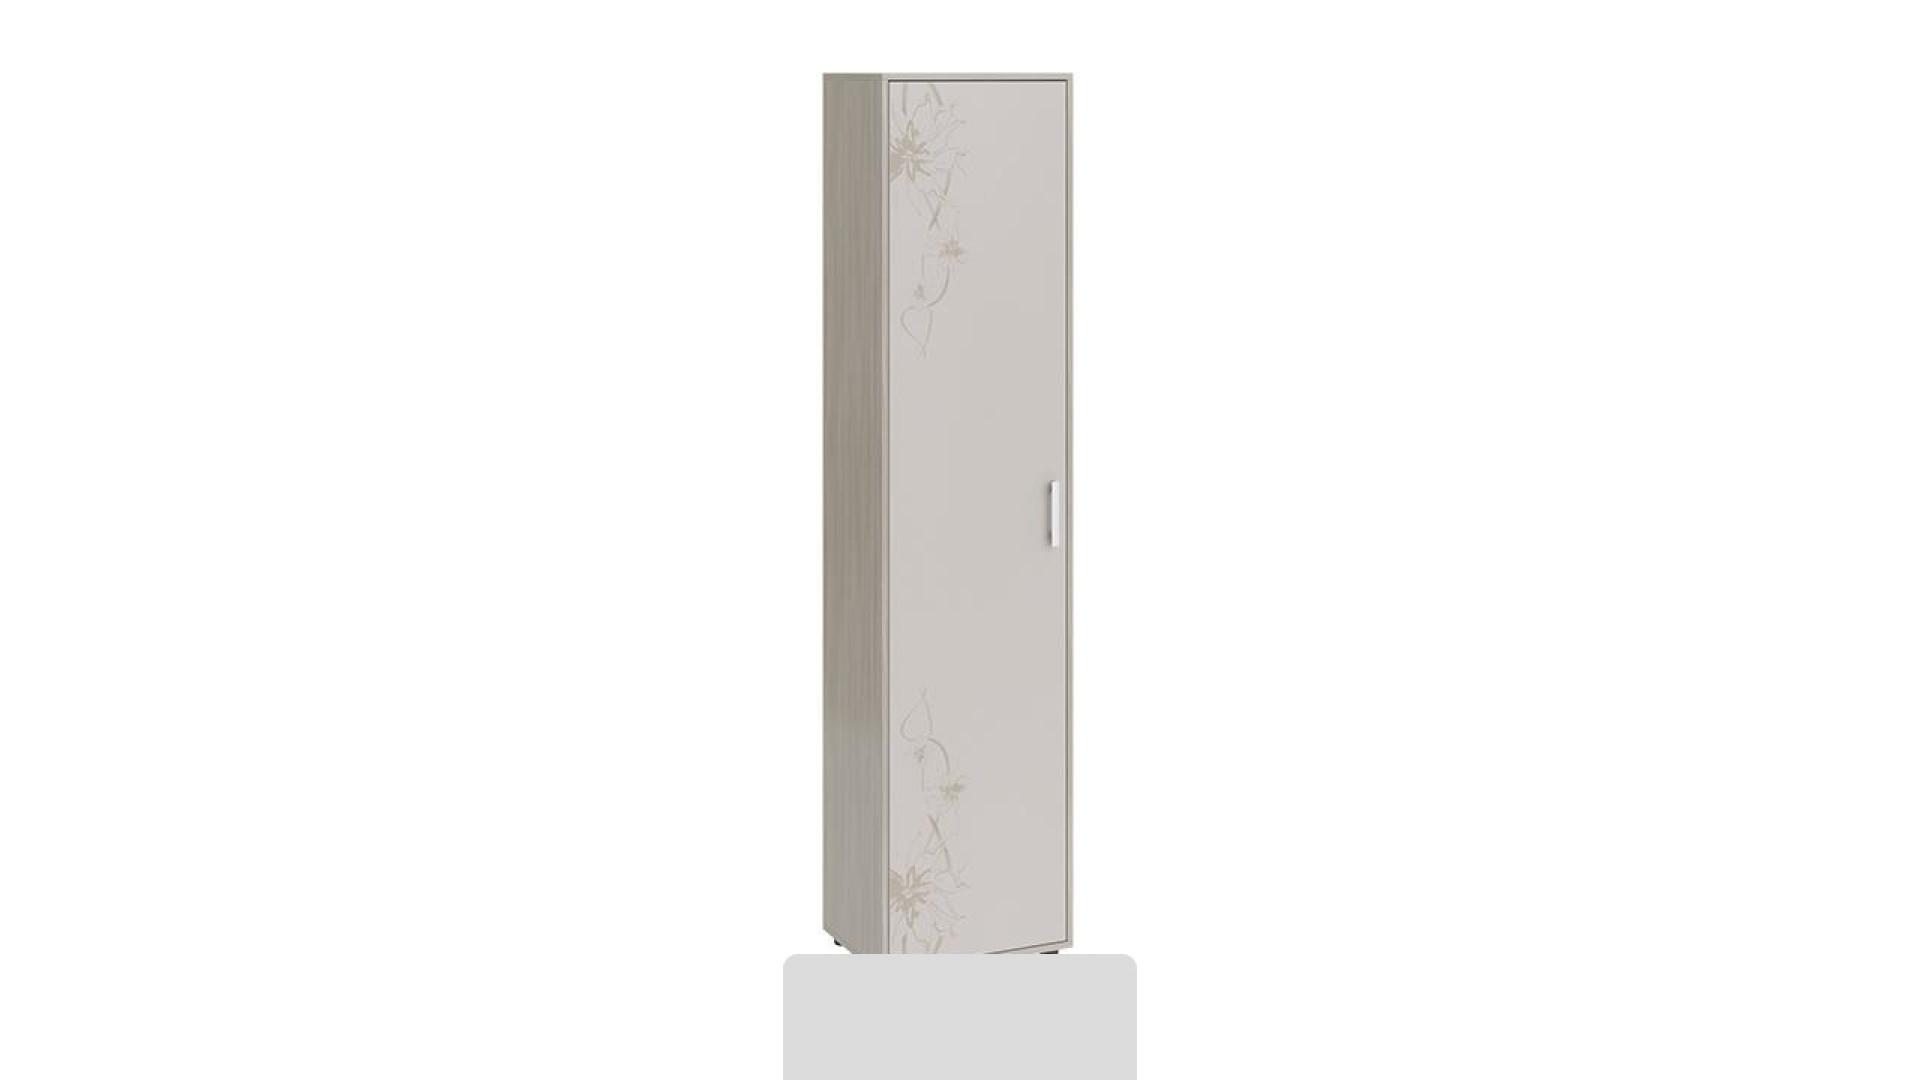 Шкаф Витра тип 1 (Ясень шимо/Бежевый фон глянец с рисунком)